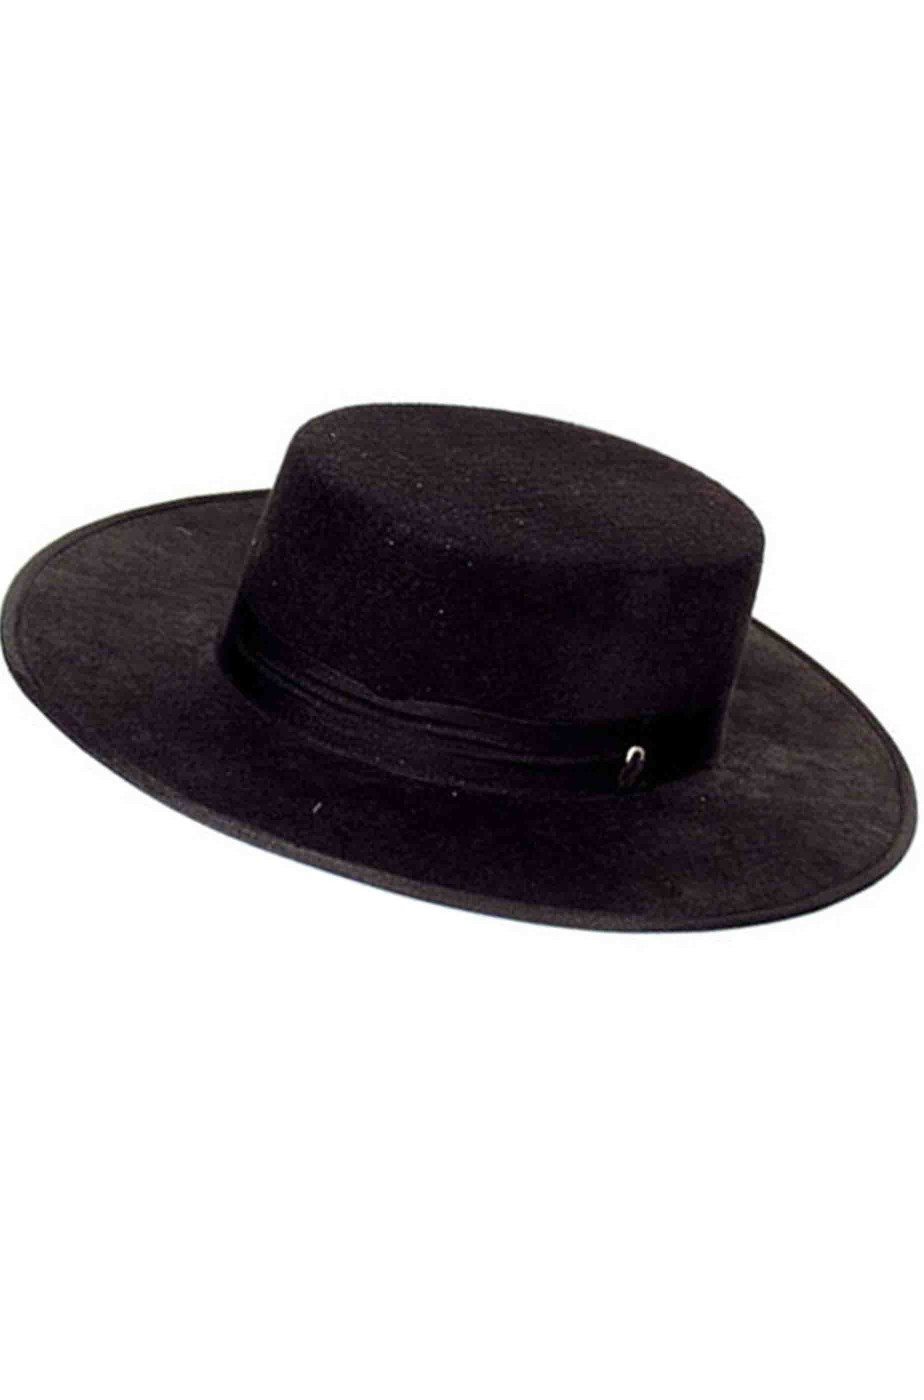 Cappello di Carnevale bolero Zorro V per Vendetta adulto nero adulto c6ca208b3843